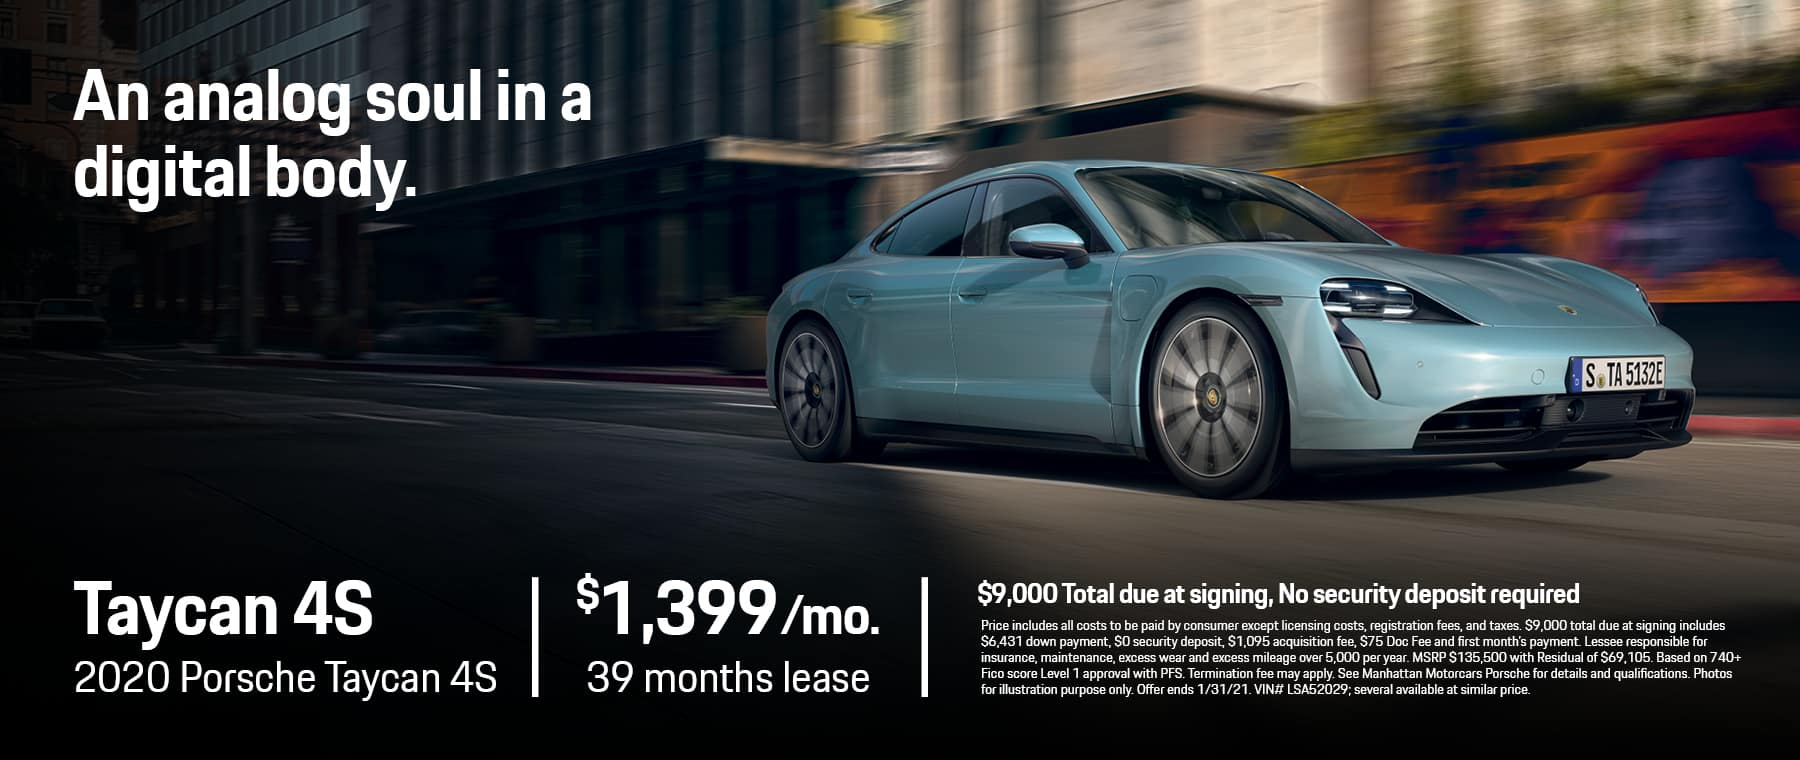 MMC Porsche 1800×760 Jaunary 2021 Taycan 4S